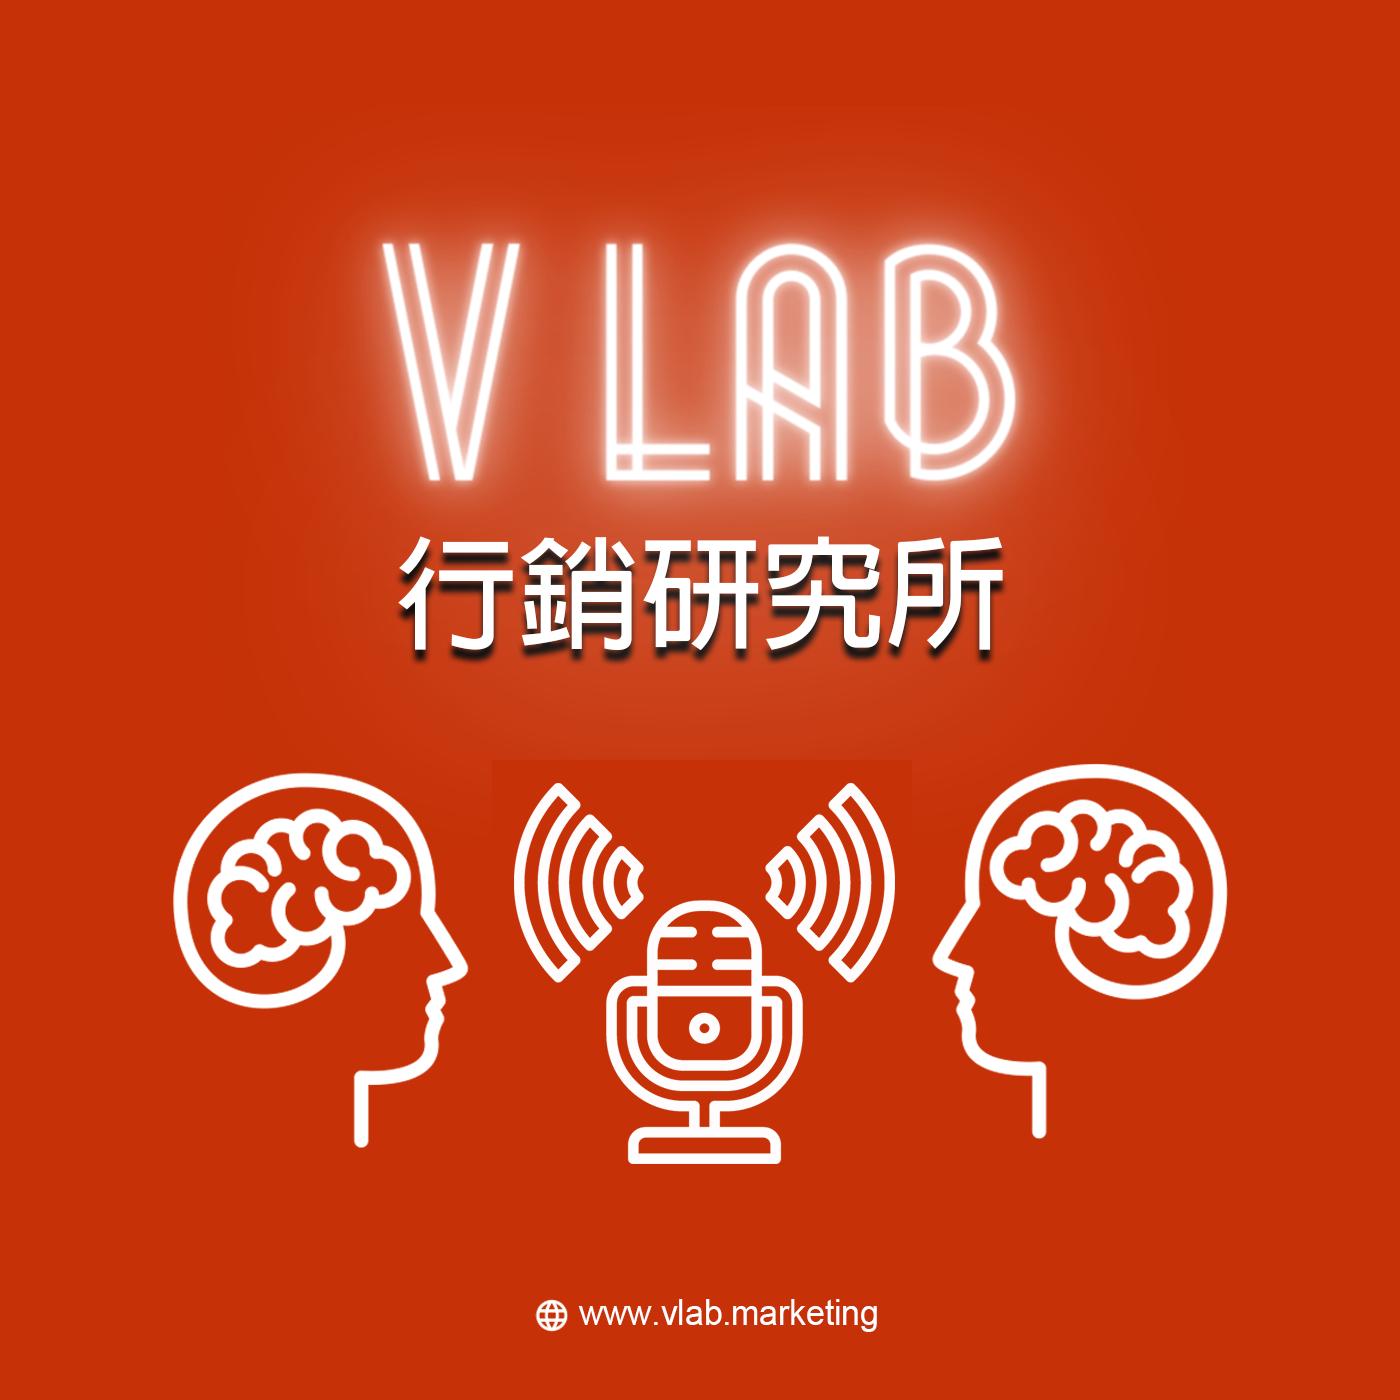 V LAB 行銷研究所